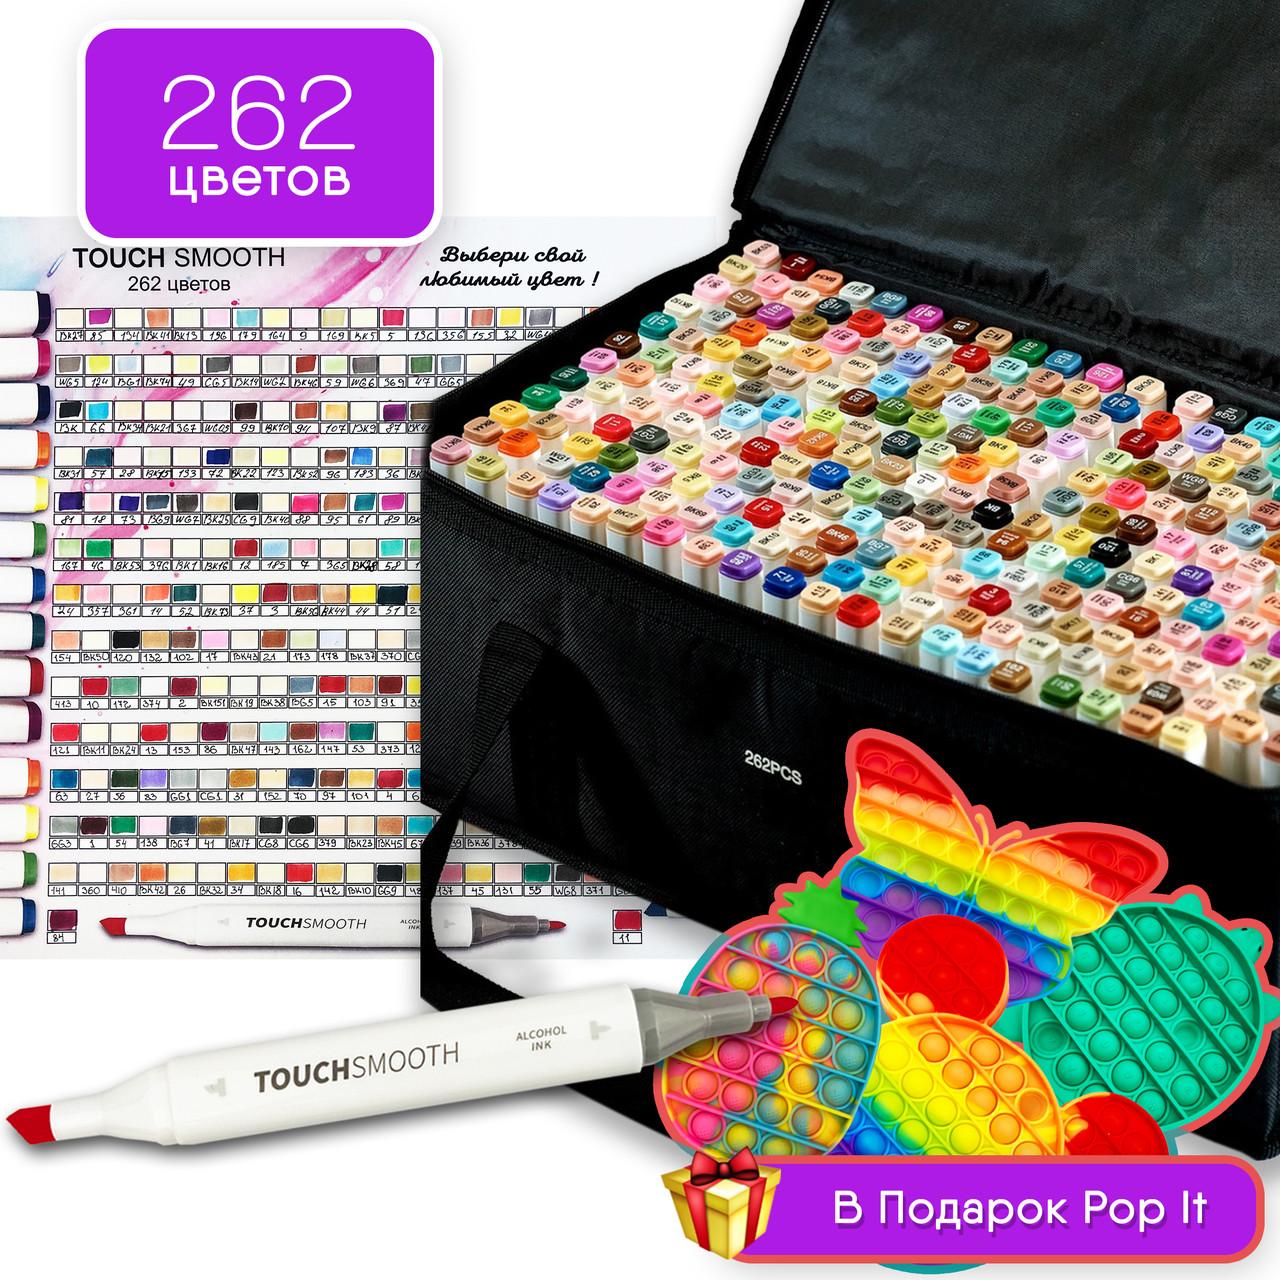 Набор двусторонних маркеров Touch Smooth для рисования и скетчинга 262 шт + ПОП ИТ